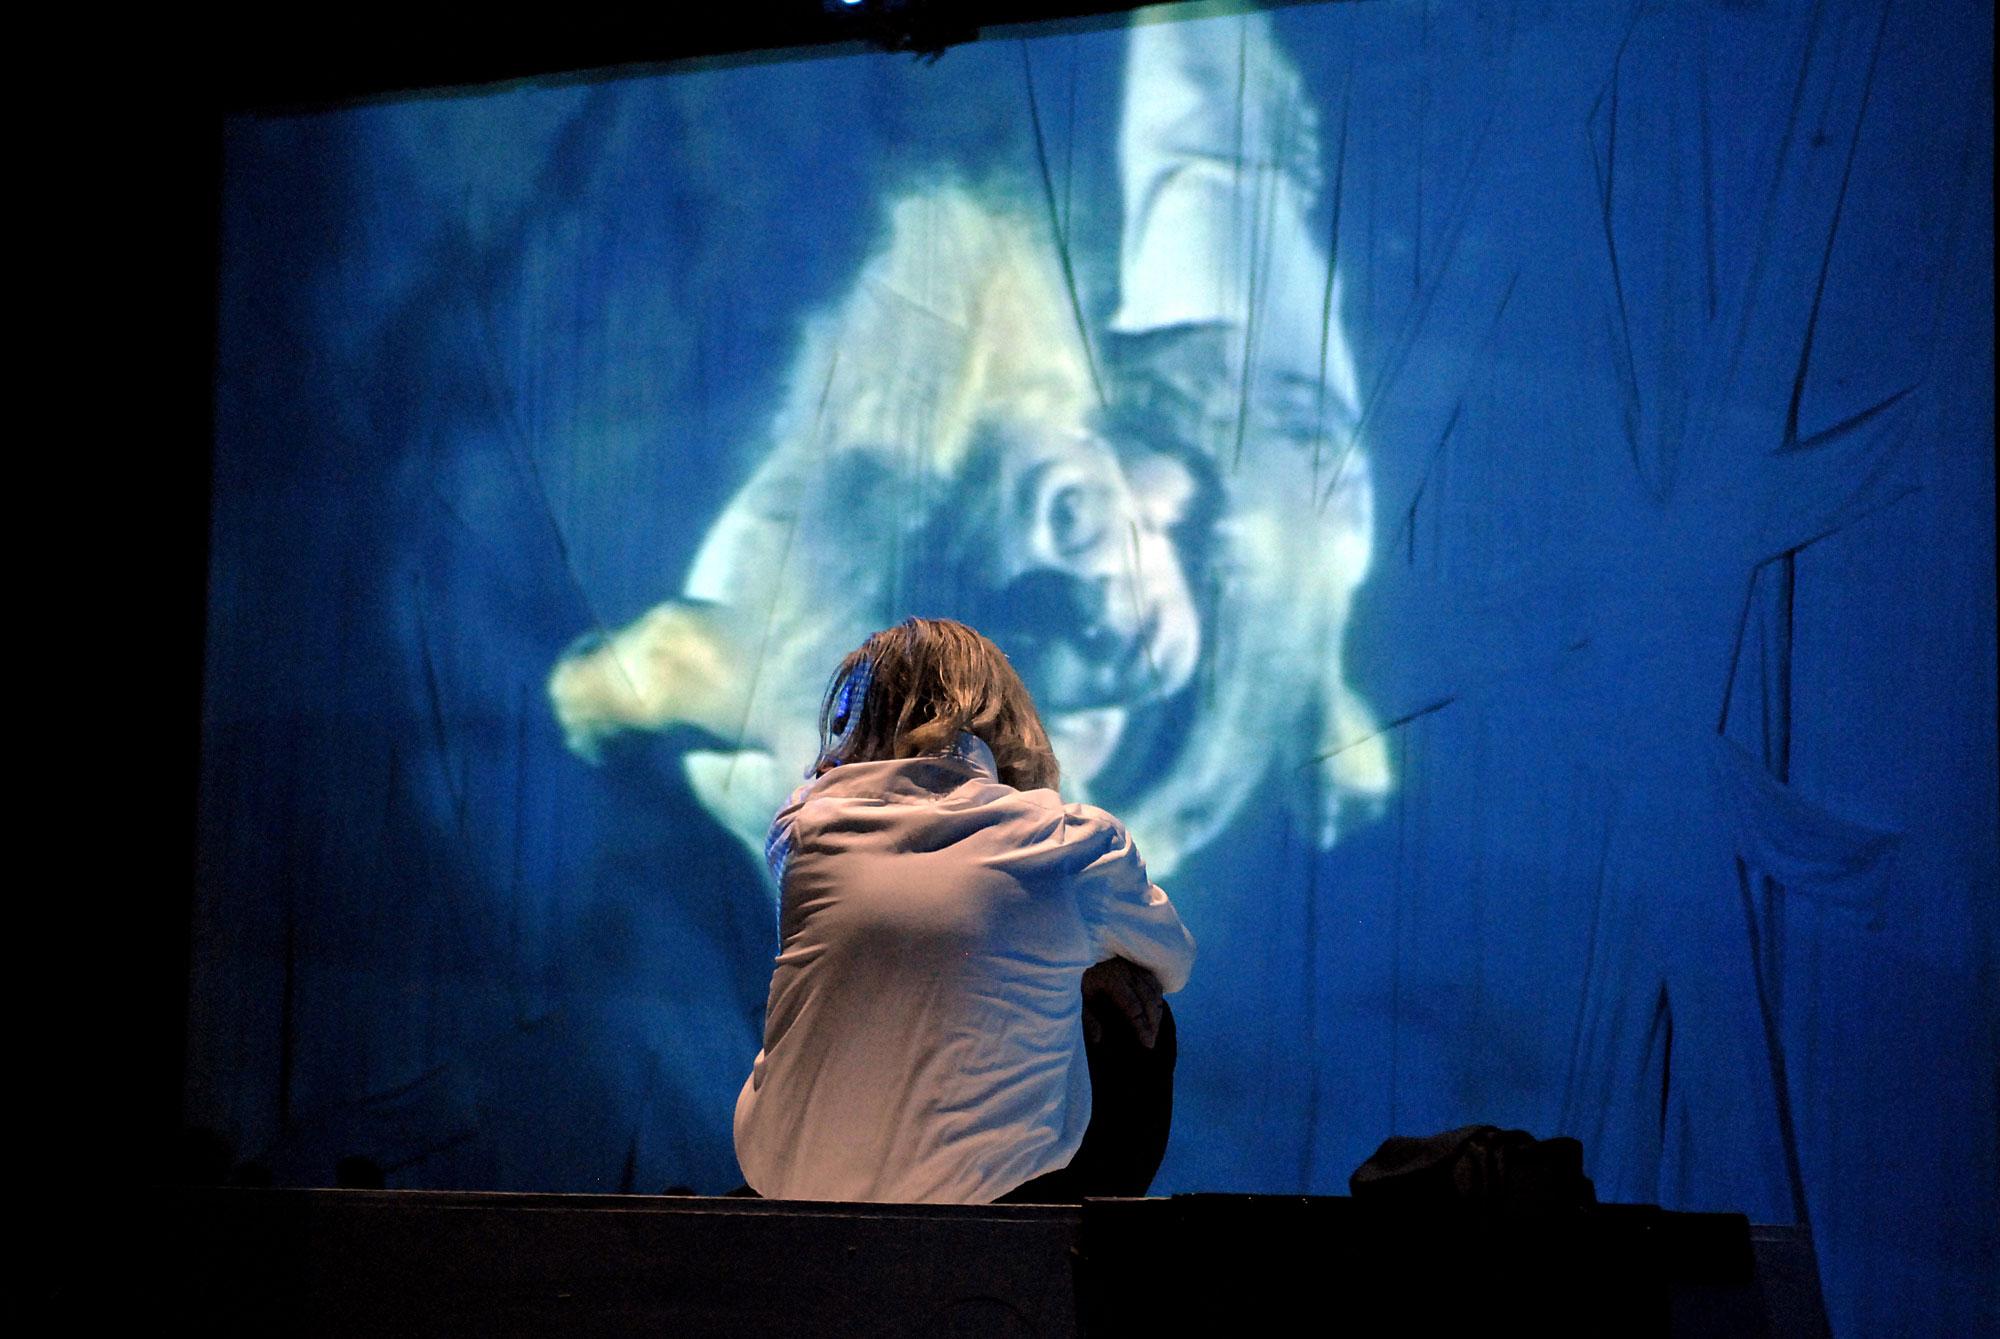 Medea. Stimmen, Christa Wolf, PAN.OPTIKUM, Theater Freiburg, Landesstiftung Baden-Württemberg, Michael Schmitter, Annette Huber